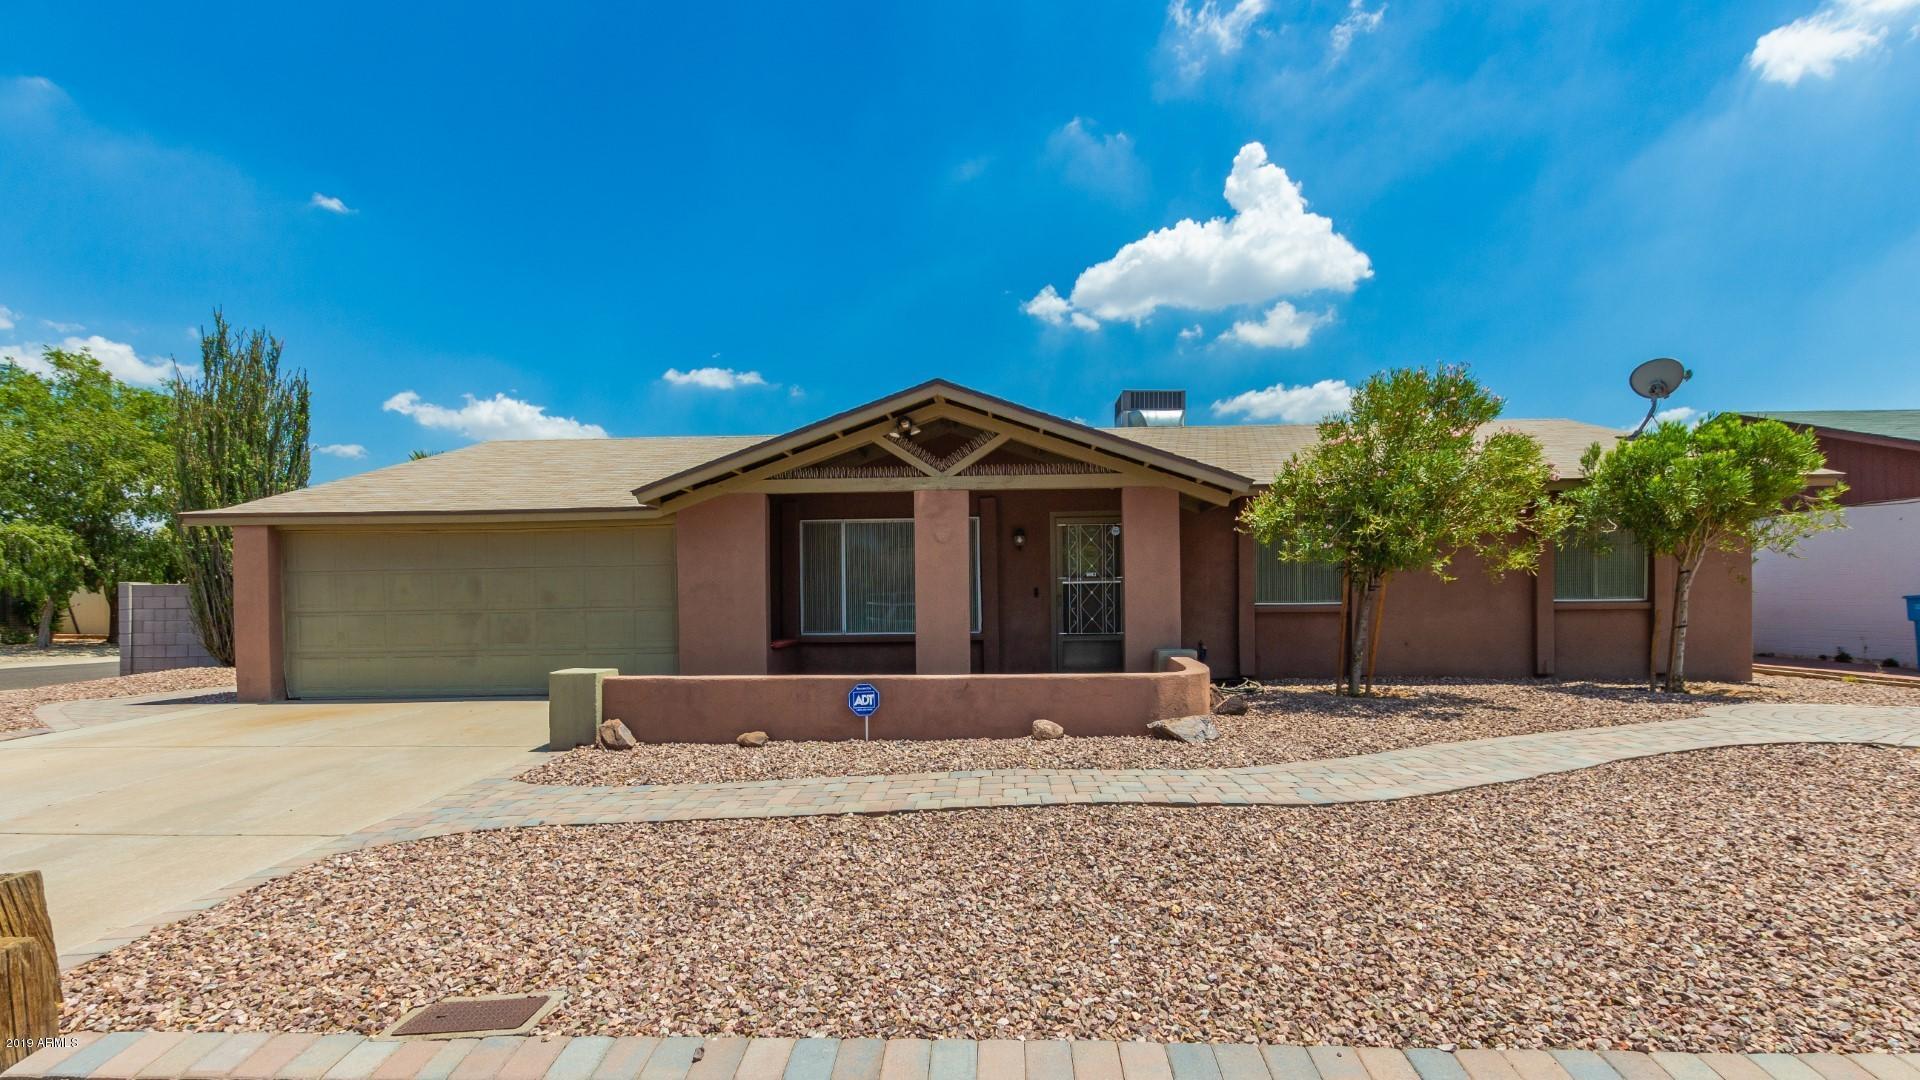 12415 N 49TH Drive, Glendale, Arizona